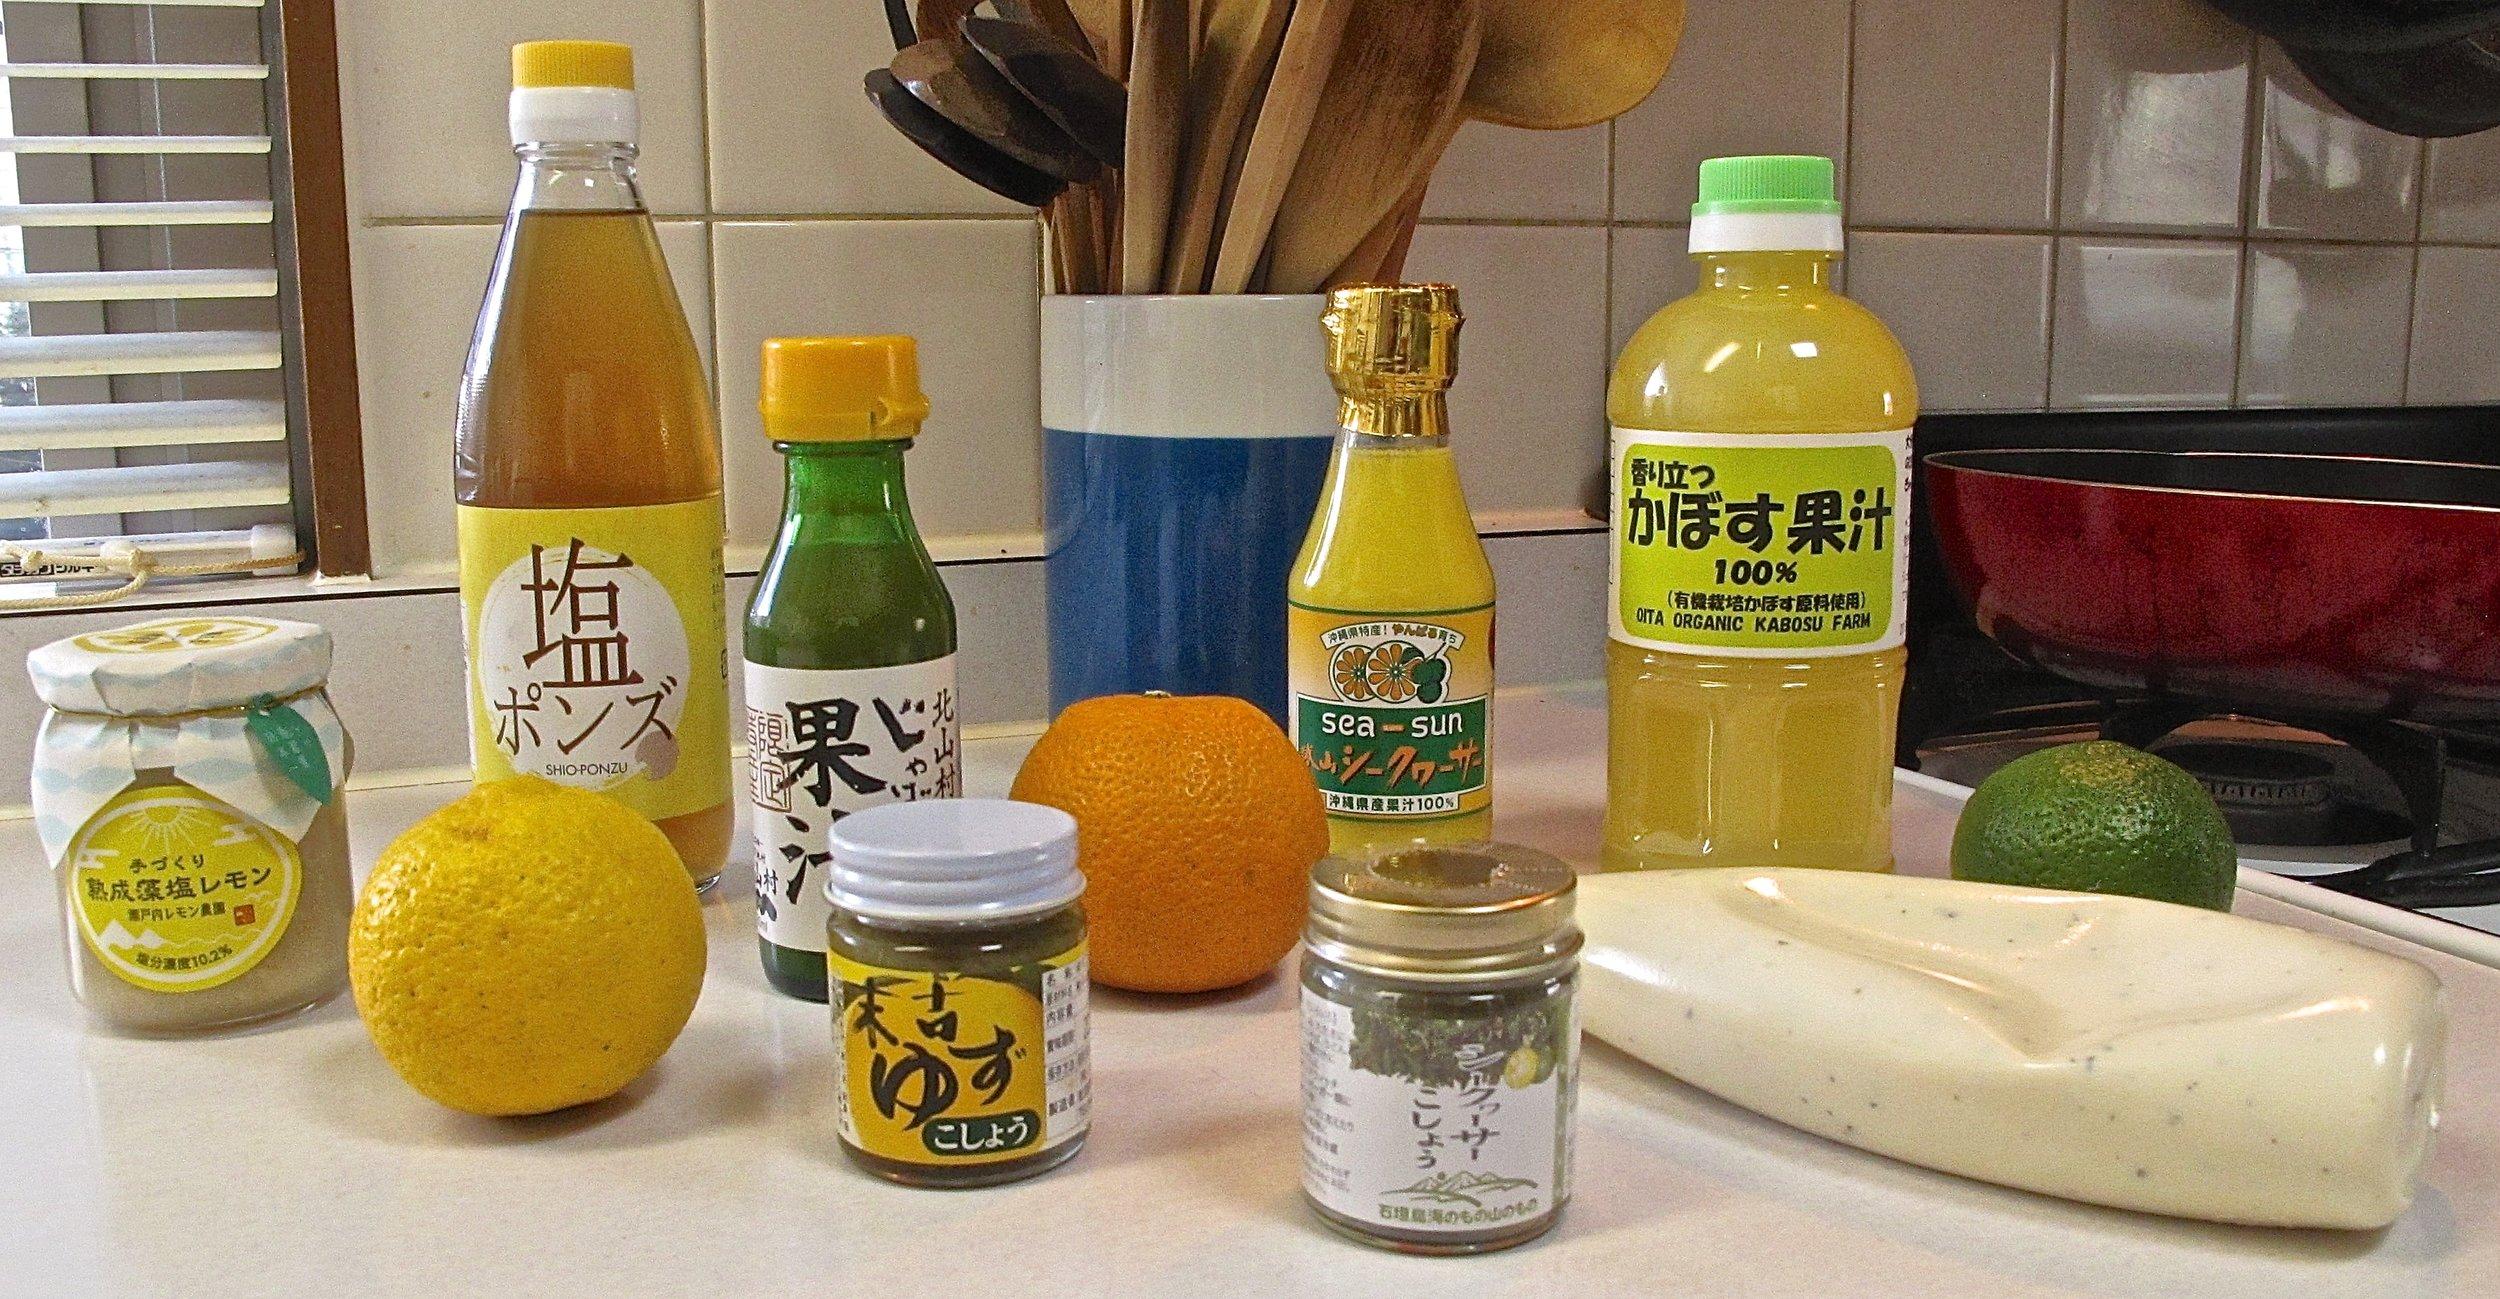 Back left to right:  shio-ponzu  made from sea salt and lemon juice, bottled  jabara  juice, fresh  jabara , bottled  shikwasa  juice, bottled  kabosu  juice, and fresh  kabosu . Front left to right:  shio-lemon  a fermented paste made from sea salt and mashed lemons, fresh lemon, small jar of  yuzu kosho , small jar of  shikwasa kosho , and  kabosu  mayonnaise.